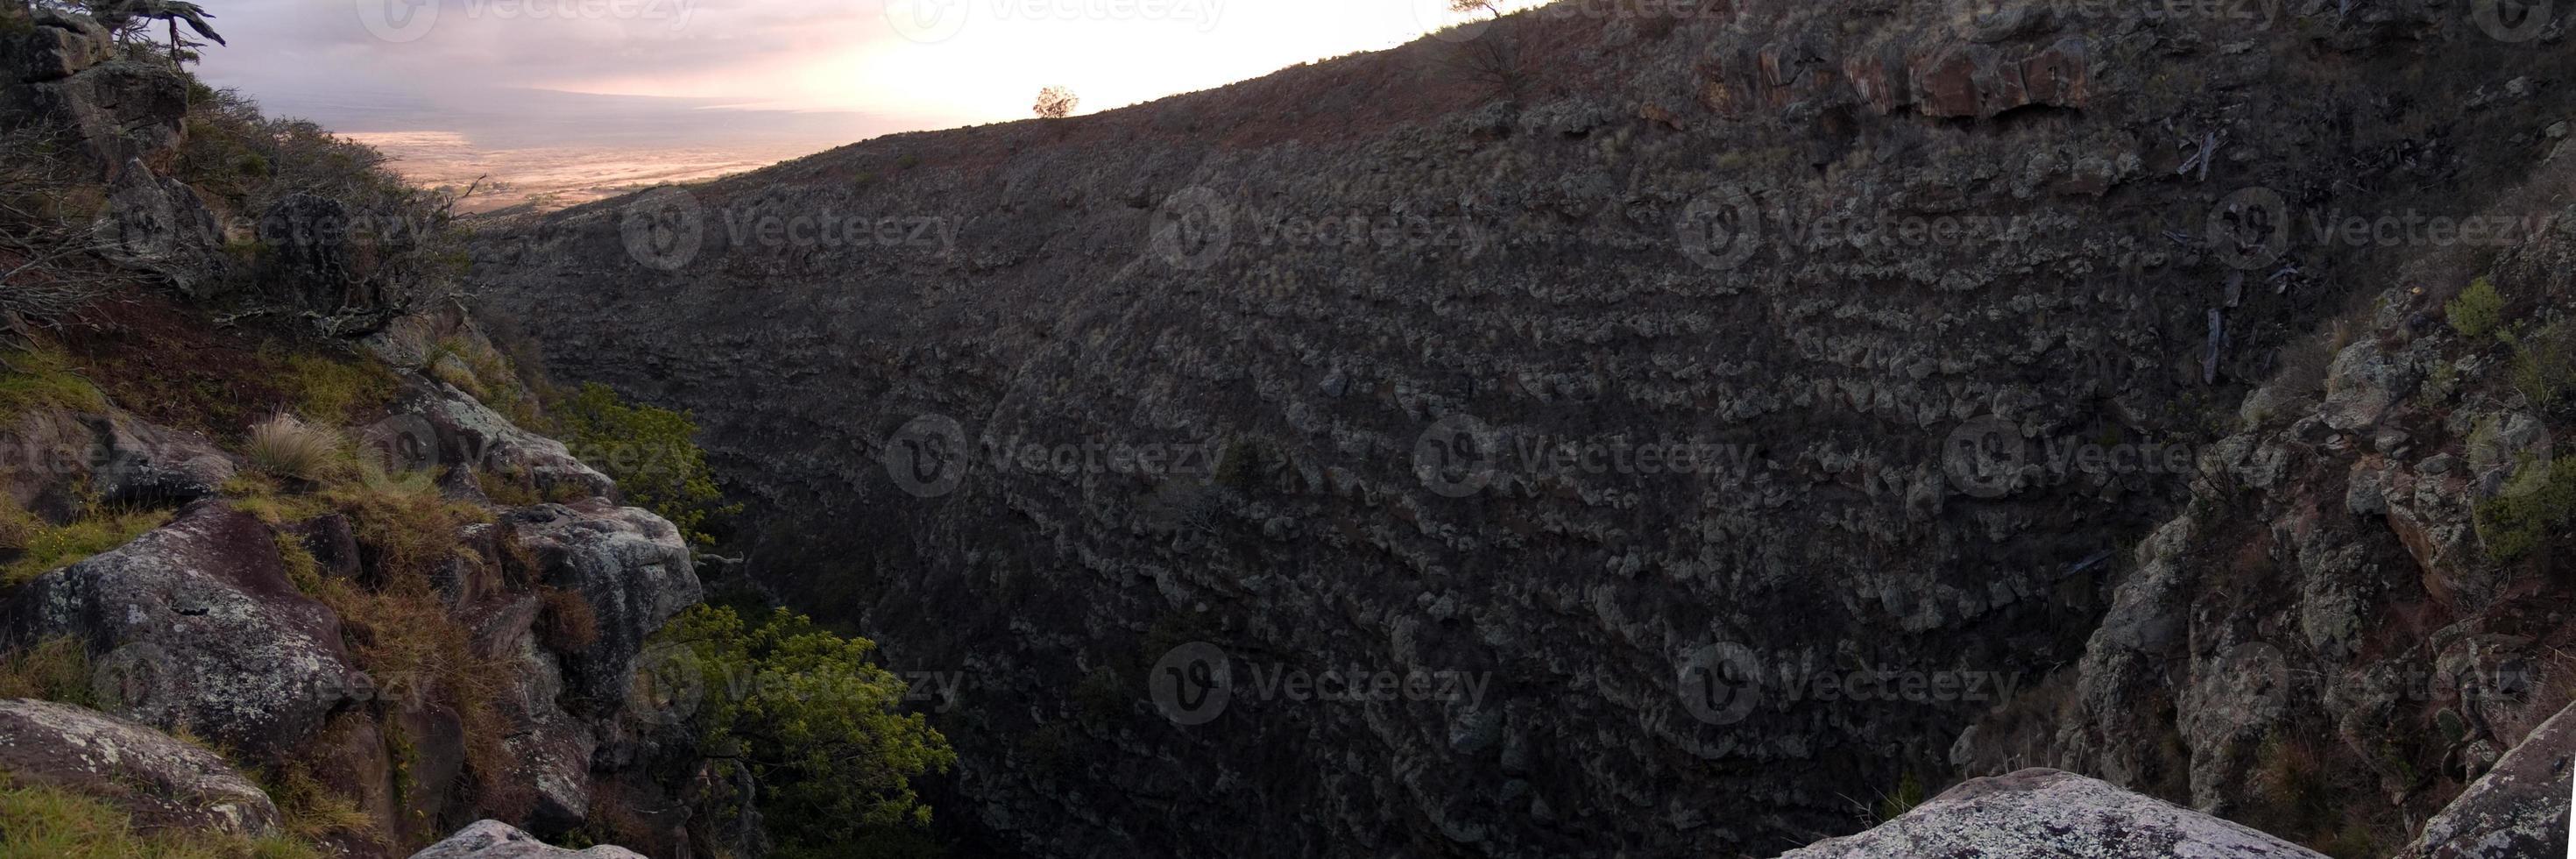 kanjon i skymningen foto